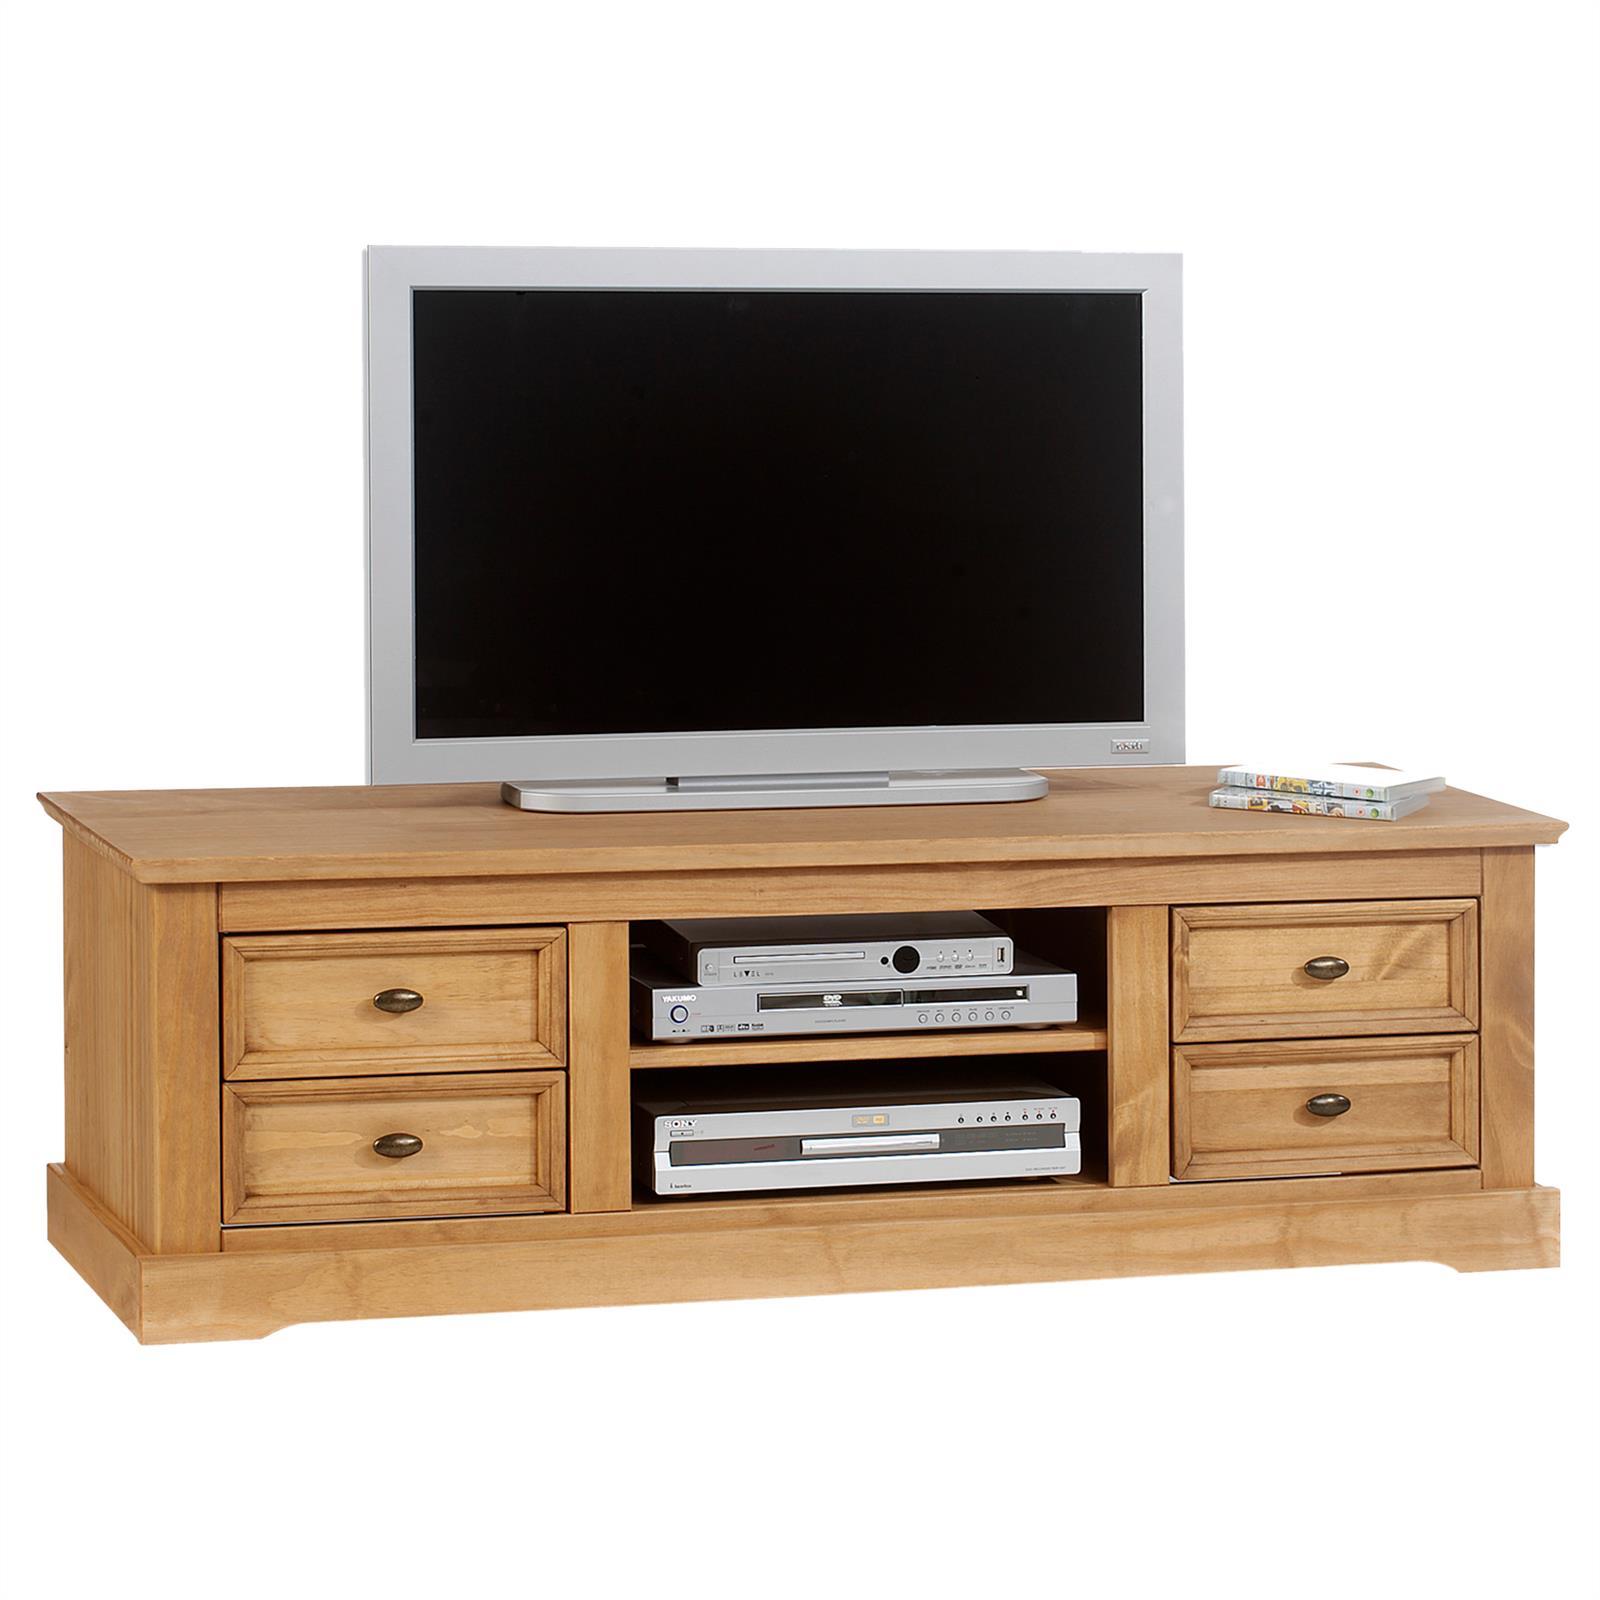 Meuble tv en pin kent finition cir e mobil meubles for Meuble tv pin